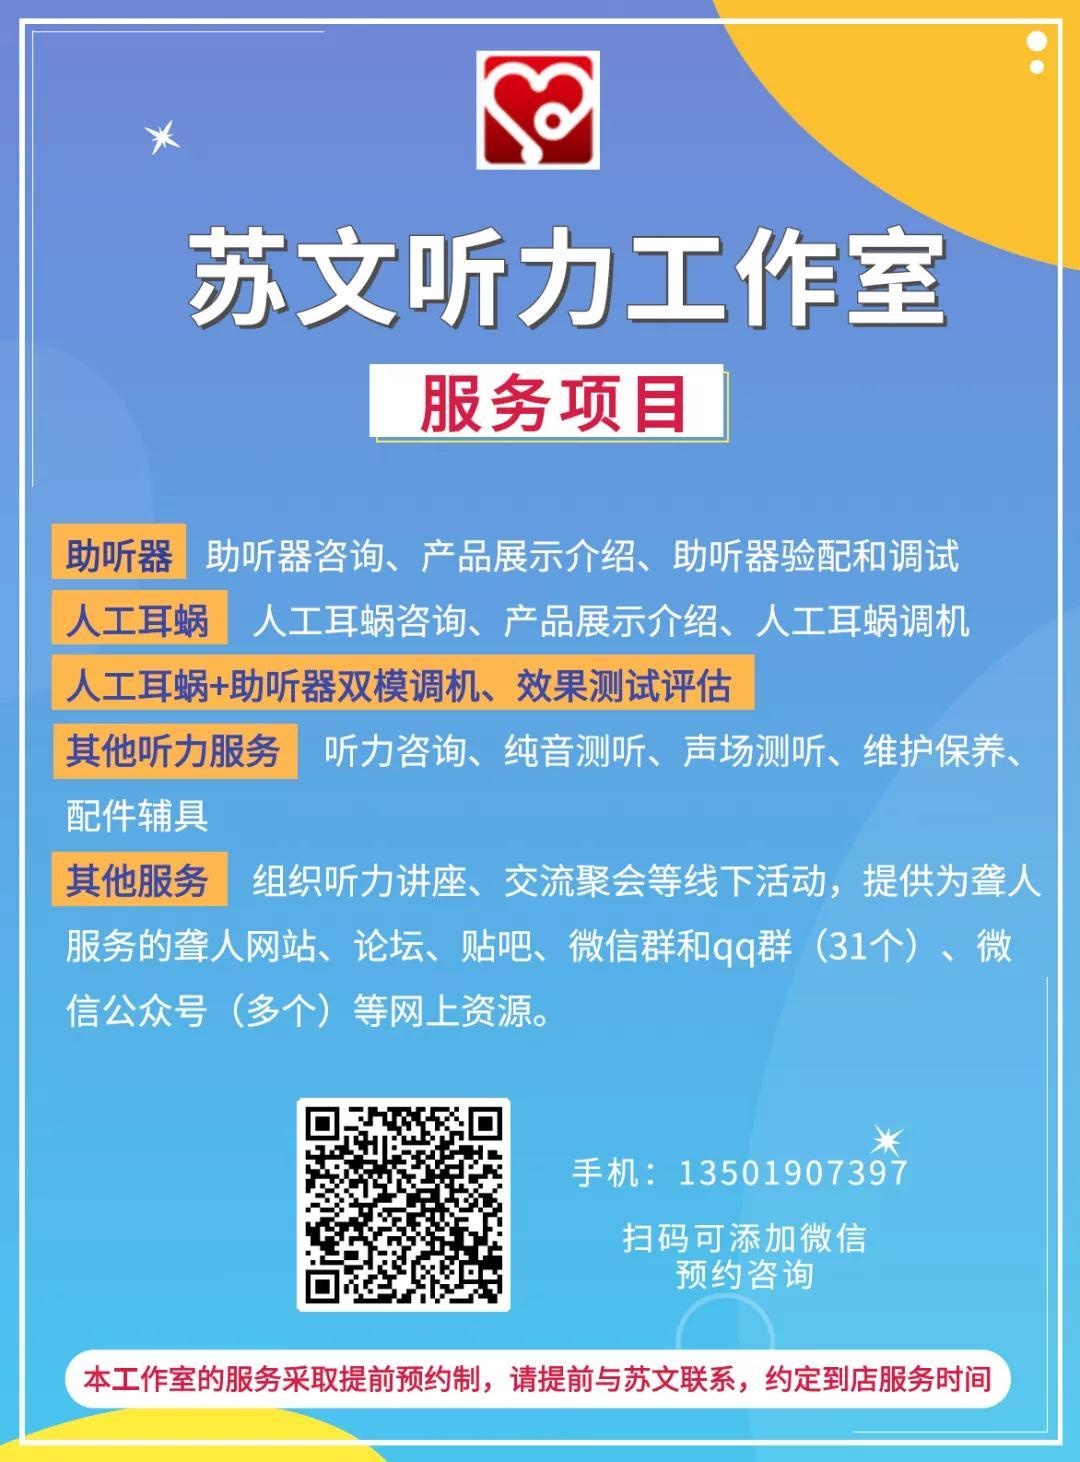 寰俊鍥剧墖_20201116095843.jpg